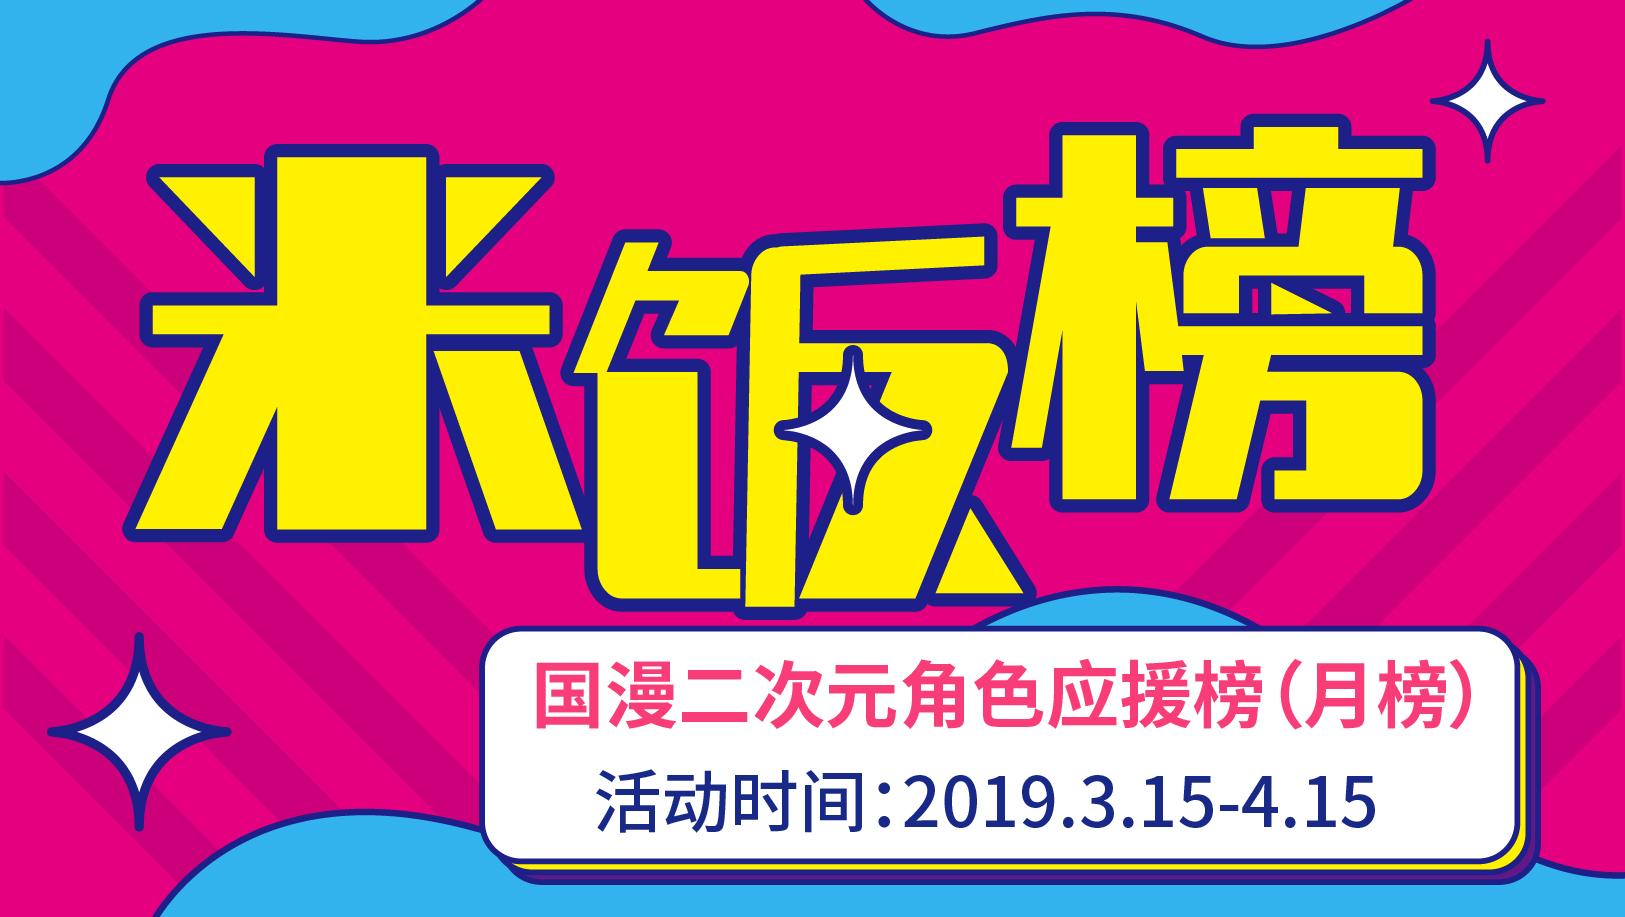 CICF米饭节近百位超人气角色参战,首创打榜玩法强势公布!